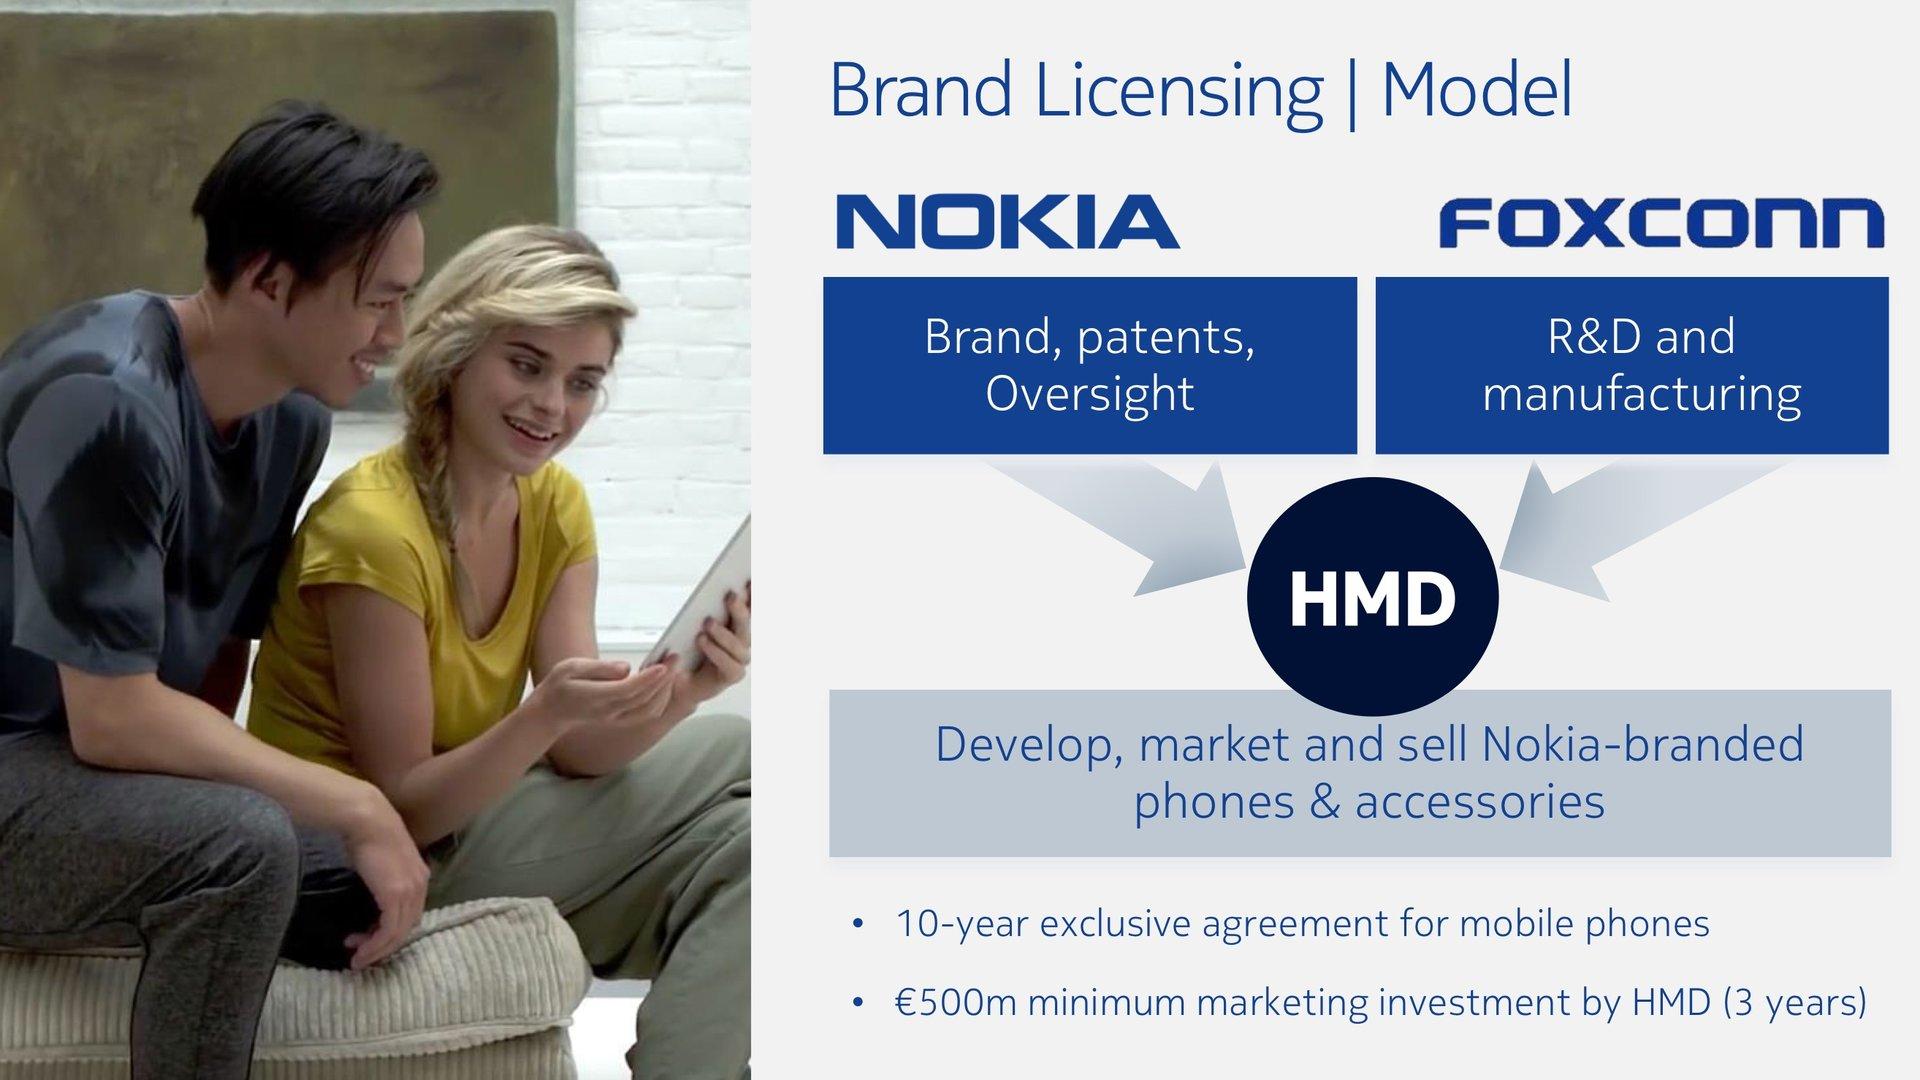 Die Marke steuert Nokia bei, Forschung und Entwicklung sowie Fertigung übernimmt Foxconn